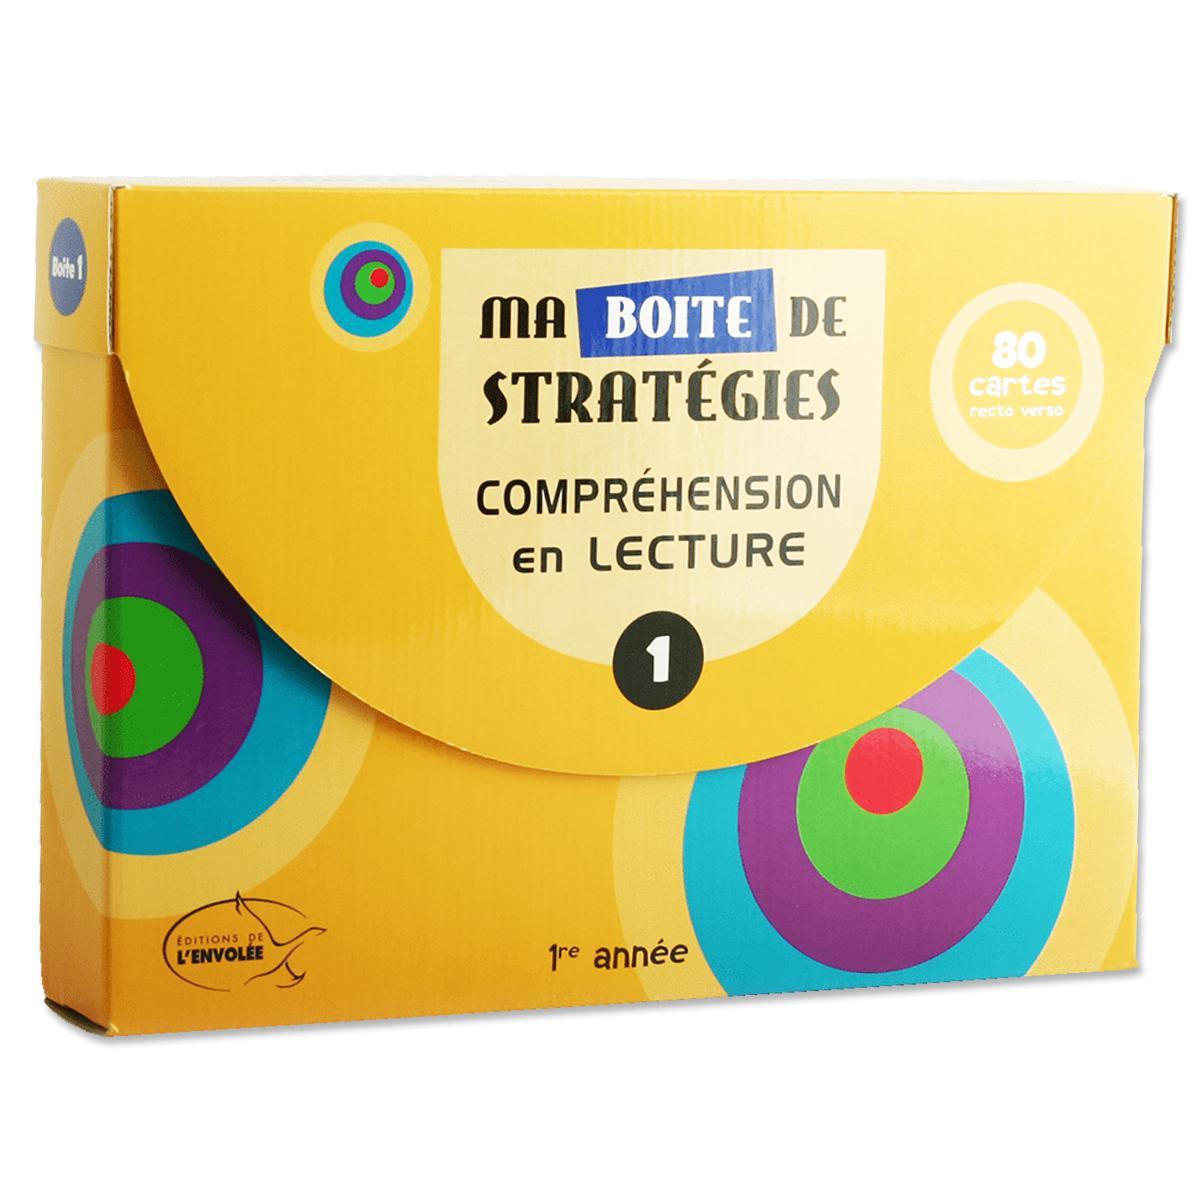 Ma boîte de stratégies : Compréhension en lecture 1